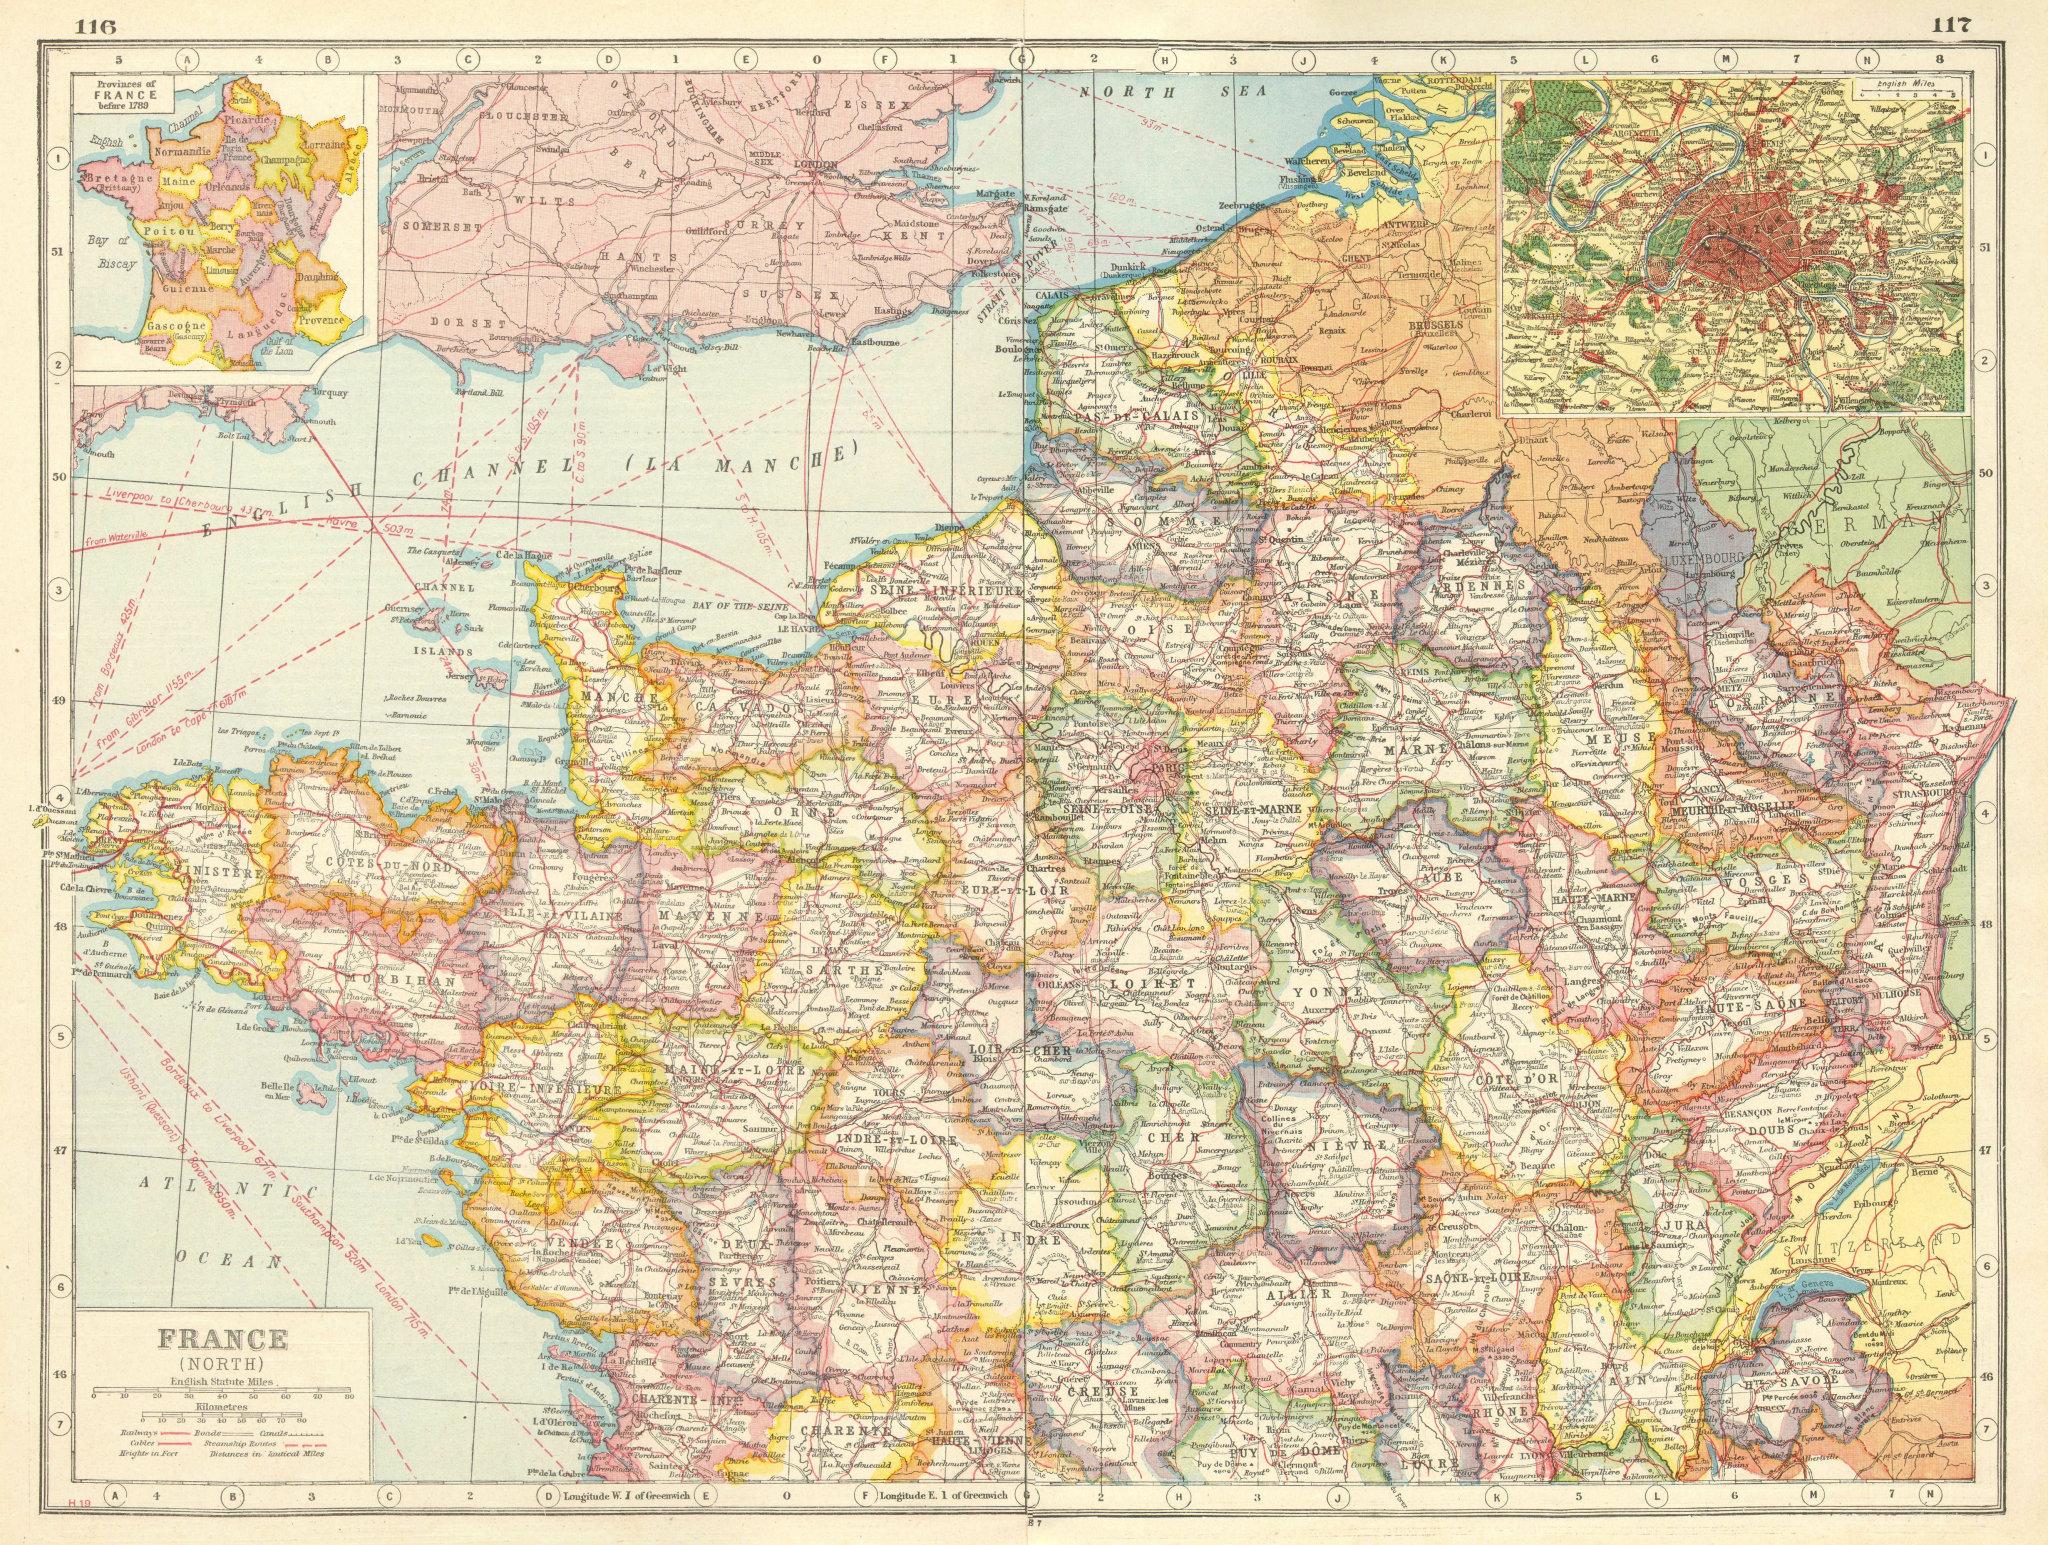 Associate Product NORTHERN FRANCE. Departements. Inset Provinces pre-1789 & Paris plan 1920 map